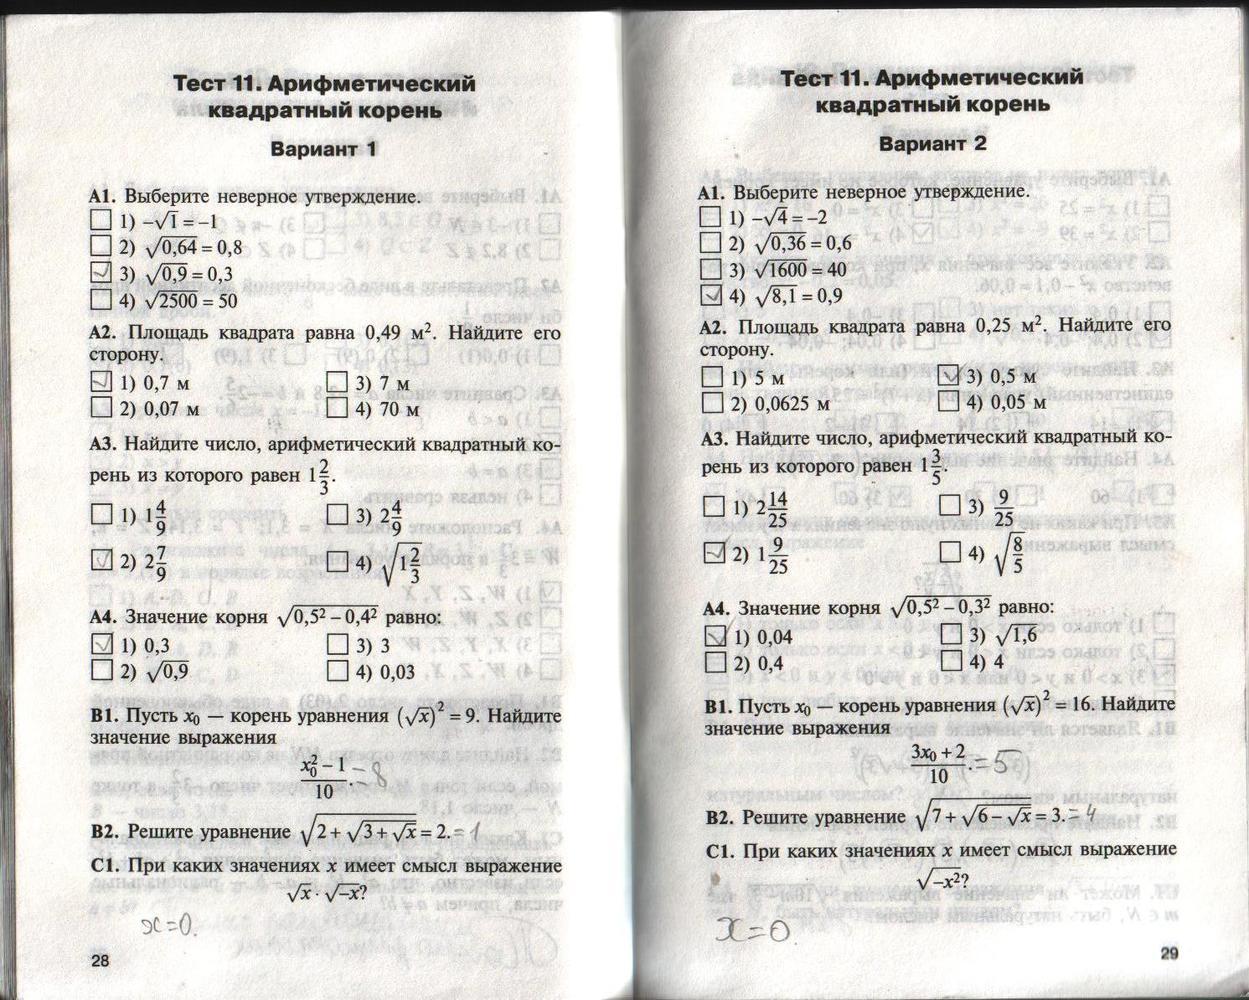 ГДЗ по алгебре класс Черноруцкий контрольно измерительные   28 29